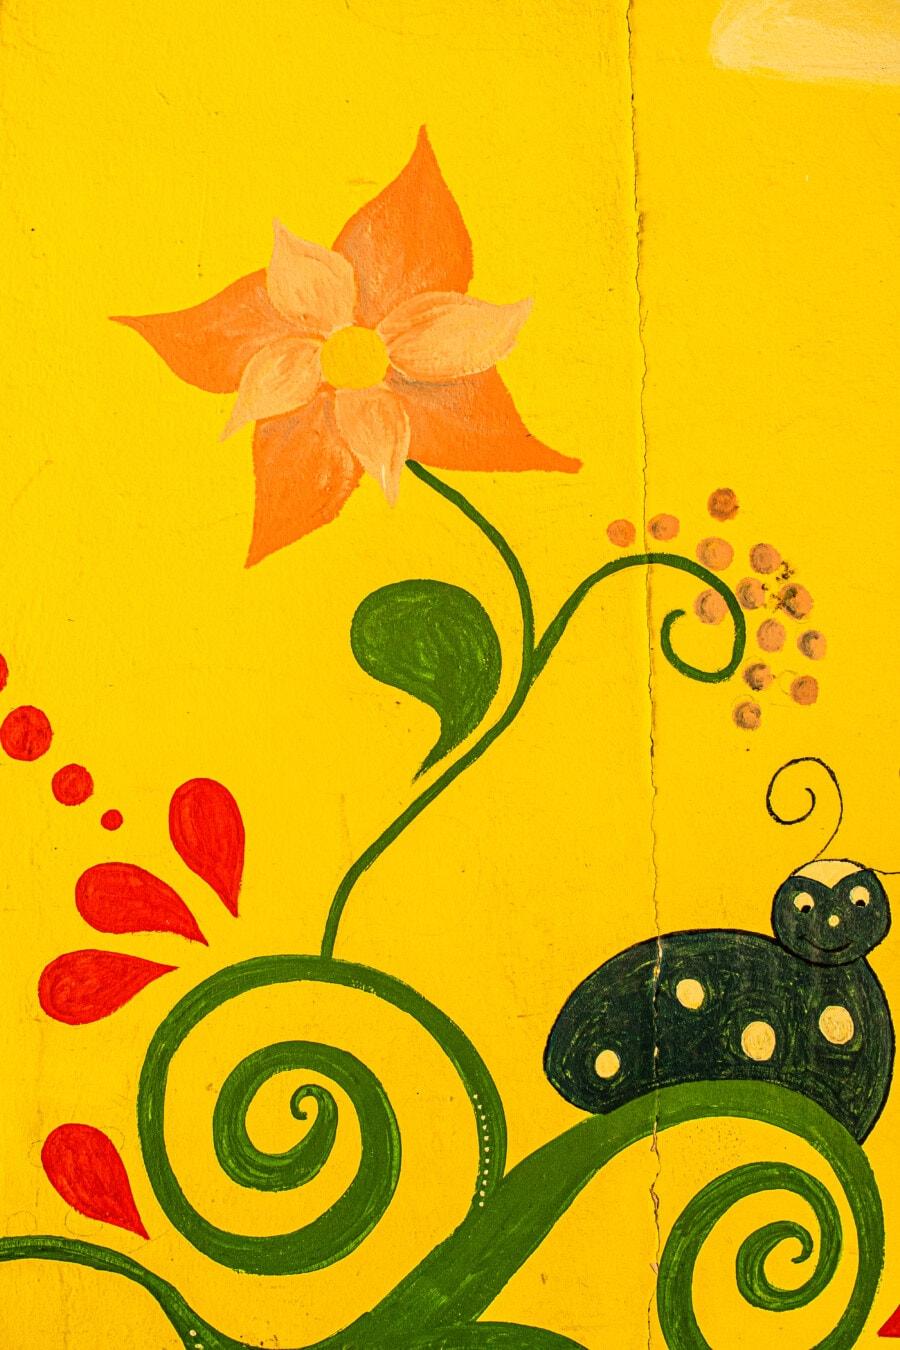 Graffiti, drôle, mur, Jaune, fleurs, illustration, conception, art, décoration, Résumé